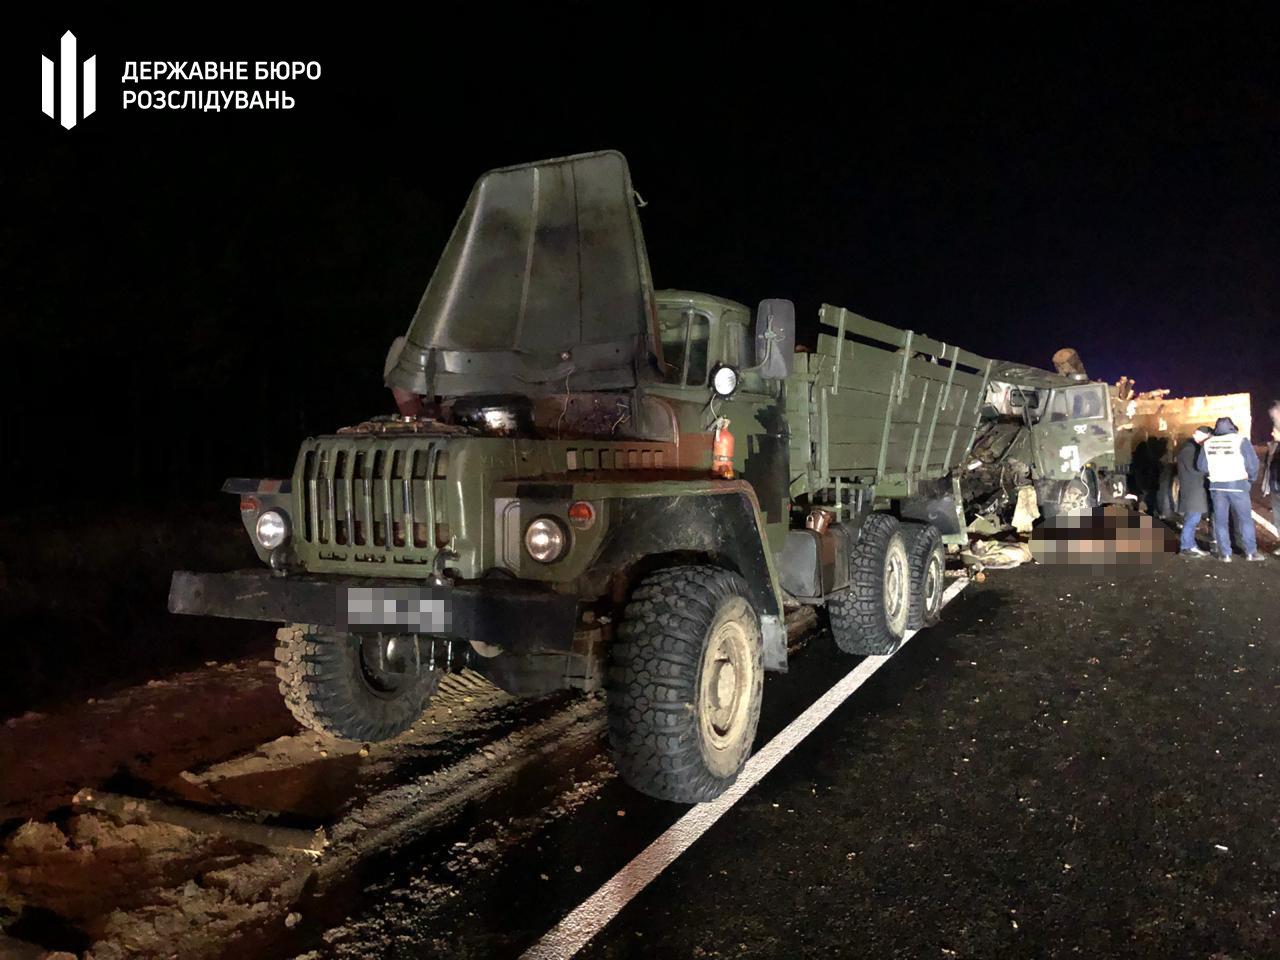 Смертельное ДТП на Херсонщине: ГБР сообщило подозрение водителю криворожской воинской части, фото-1